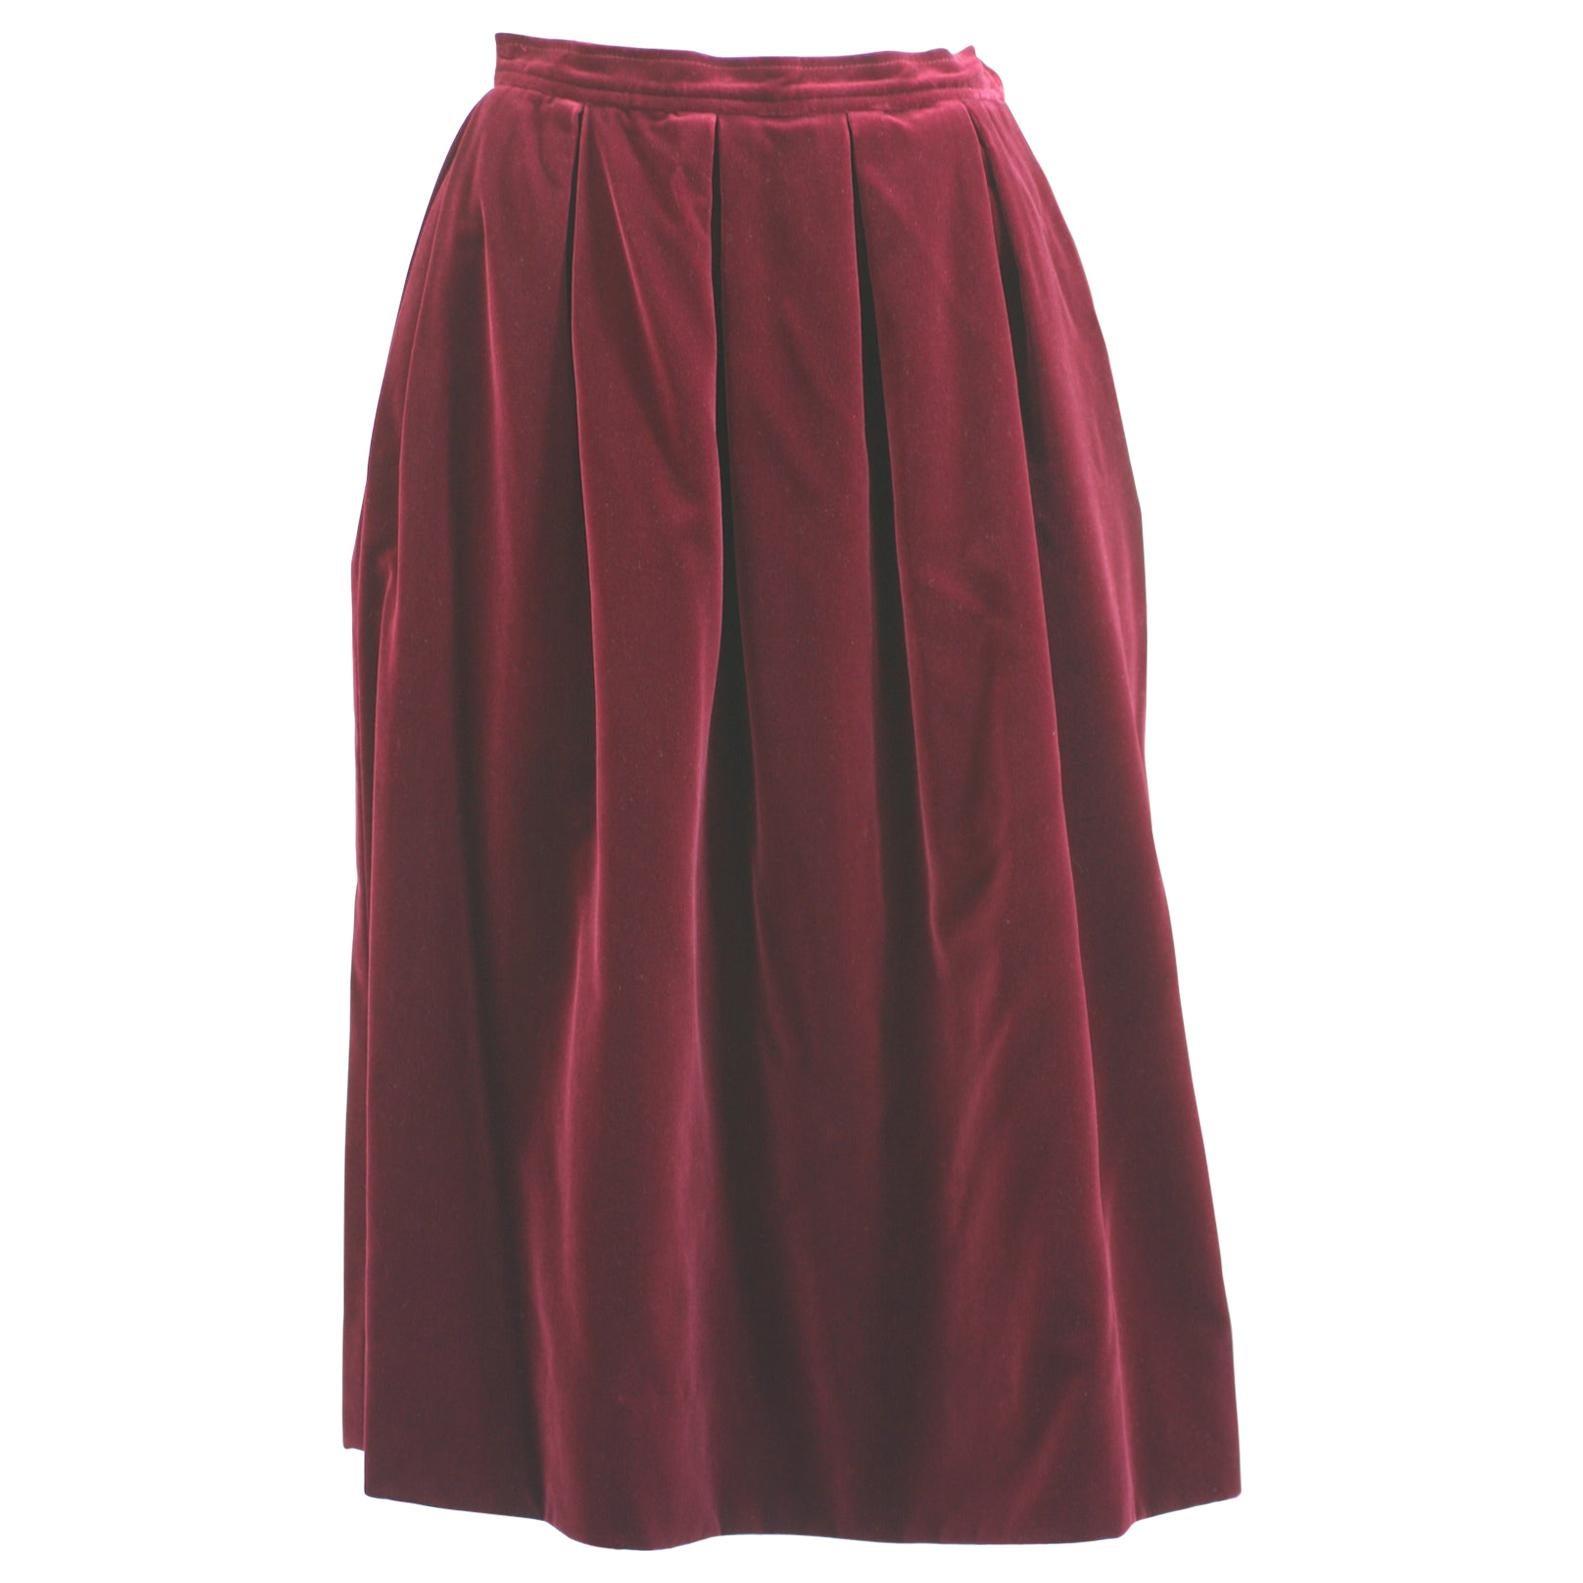 Yves Saint Laurent Wine Velvet Skirt